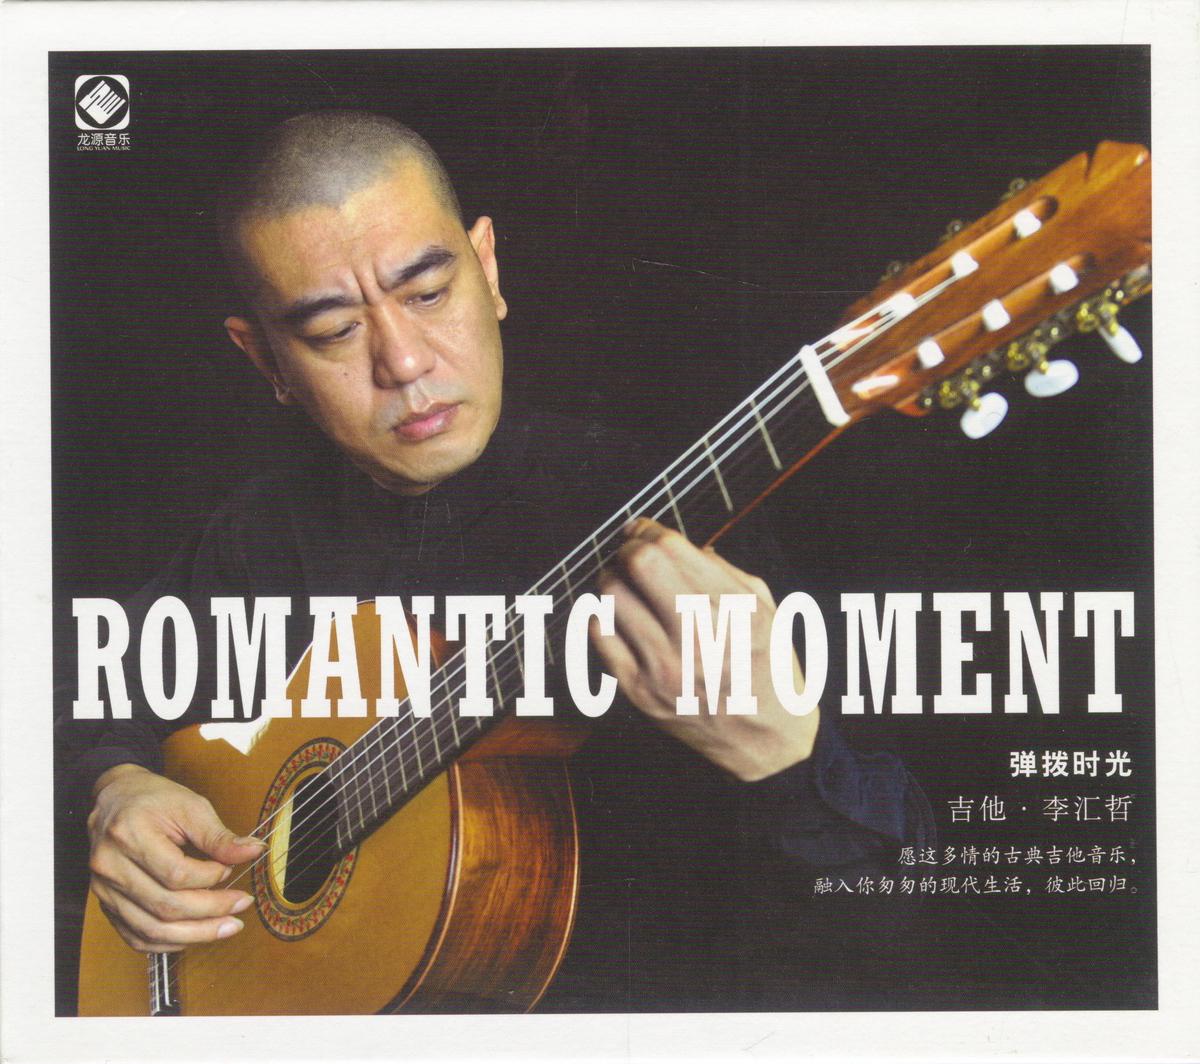 Album Romantic Moment (2017)